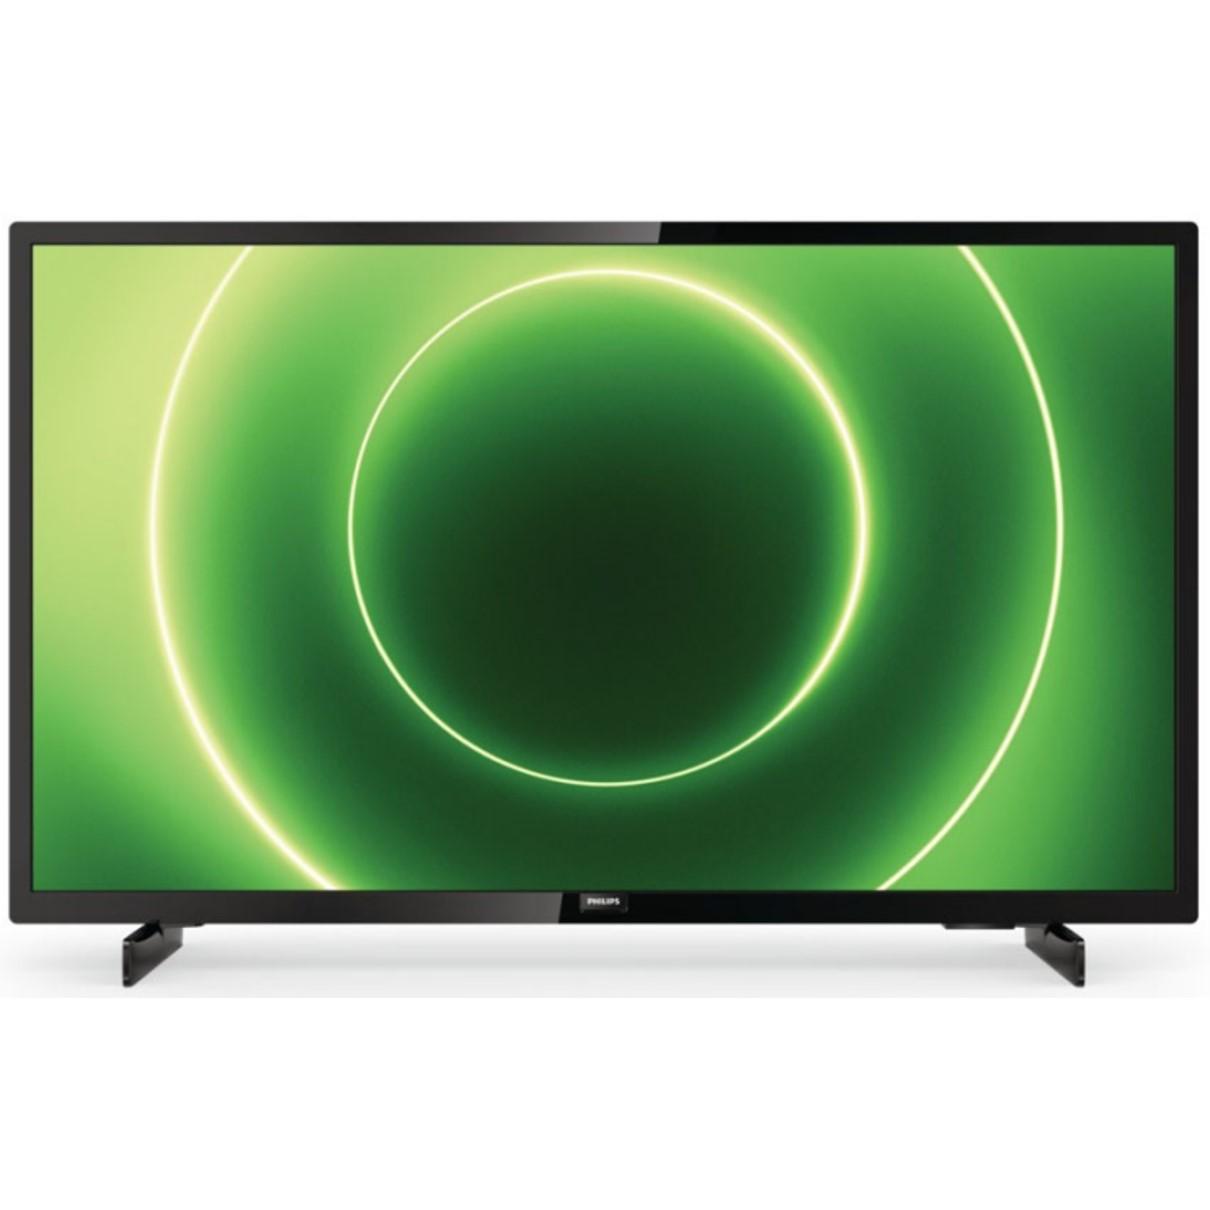 """TV SAMSUNG 32"""" LED FHD/ 32PFS6805/ SMART TV/ 3 HDMI/ 2 USB/ DVB-T/T2/T2-HD/C/S/S2/ WIFI"""